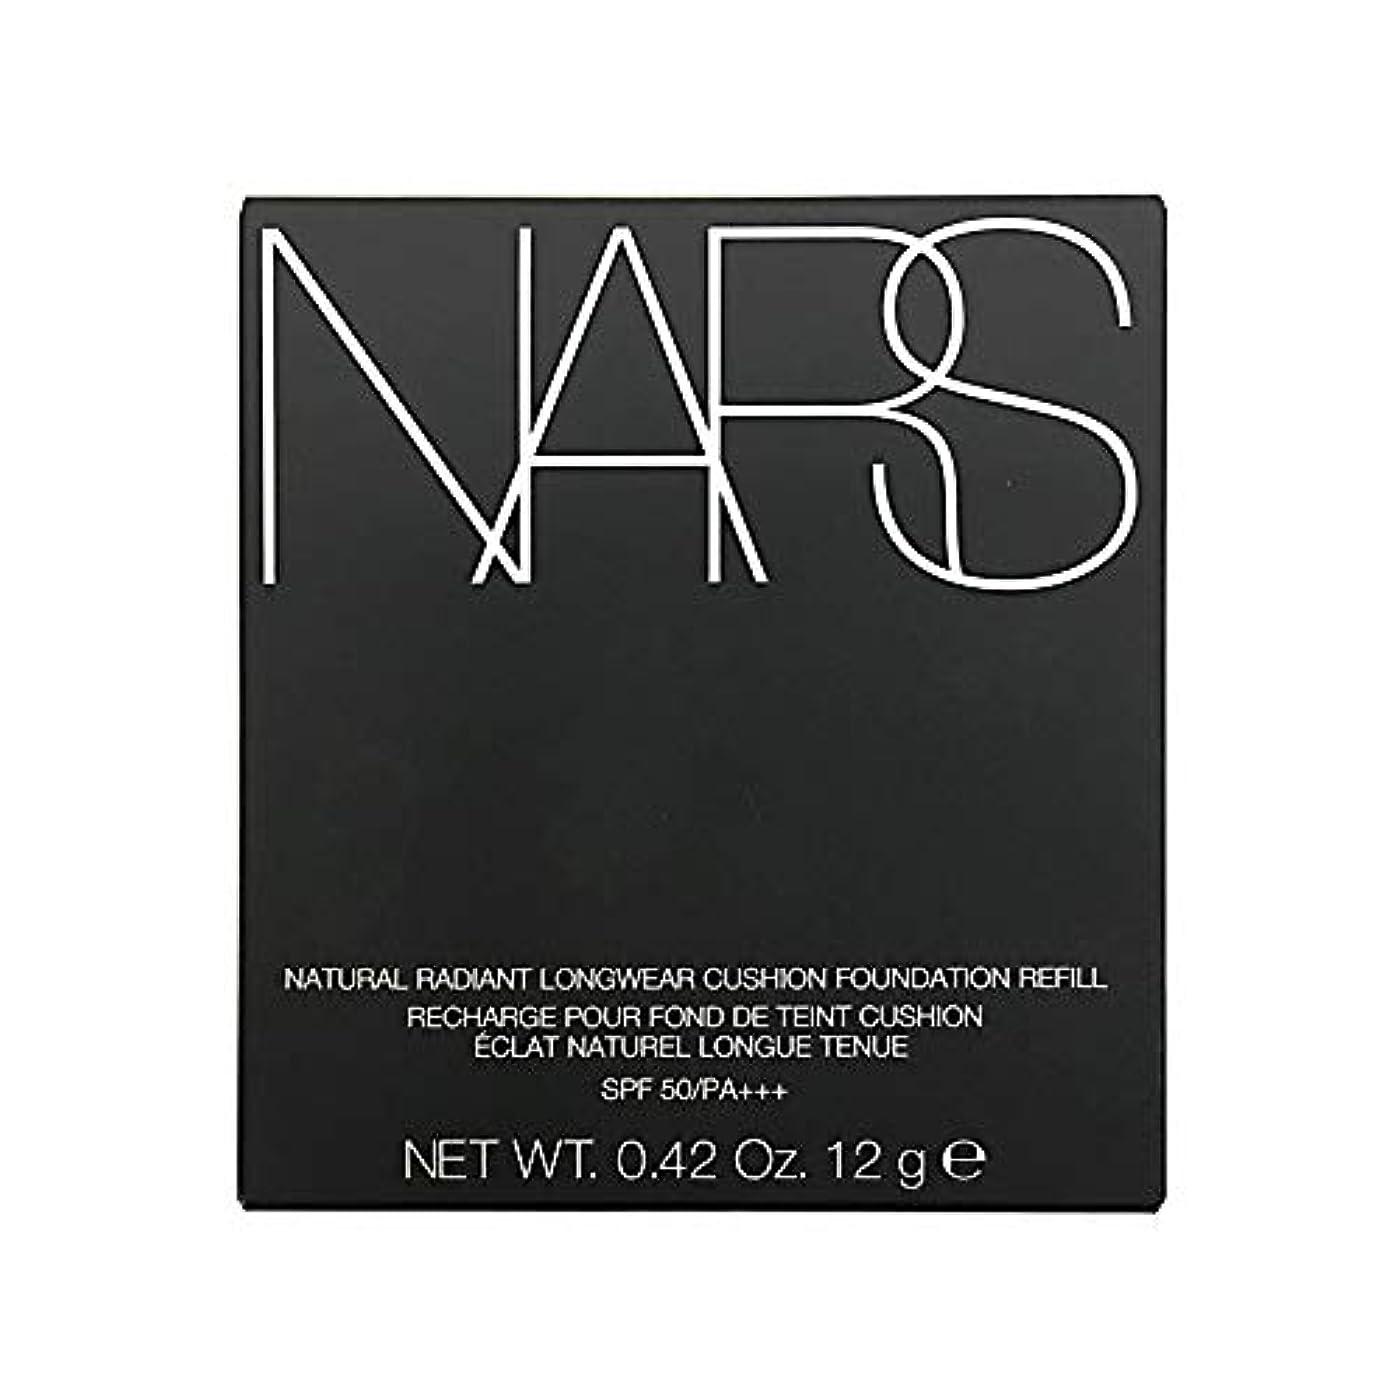 誰が酔う突然のナーズ/NARS ナチュラルラディアント ロングウェア クッションファンデーション(レフィル)#5879 [ クッションファンデ ] [並行輸入品]